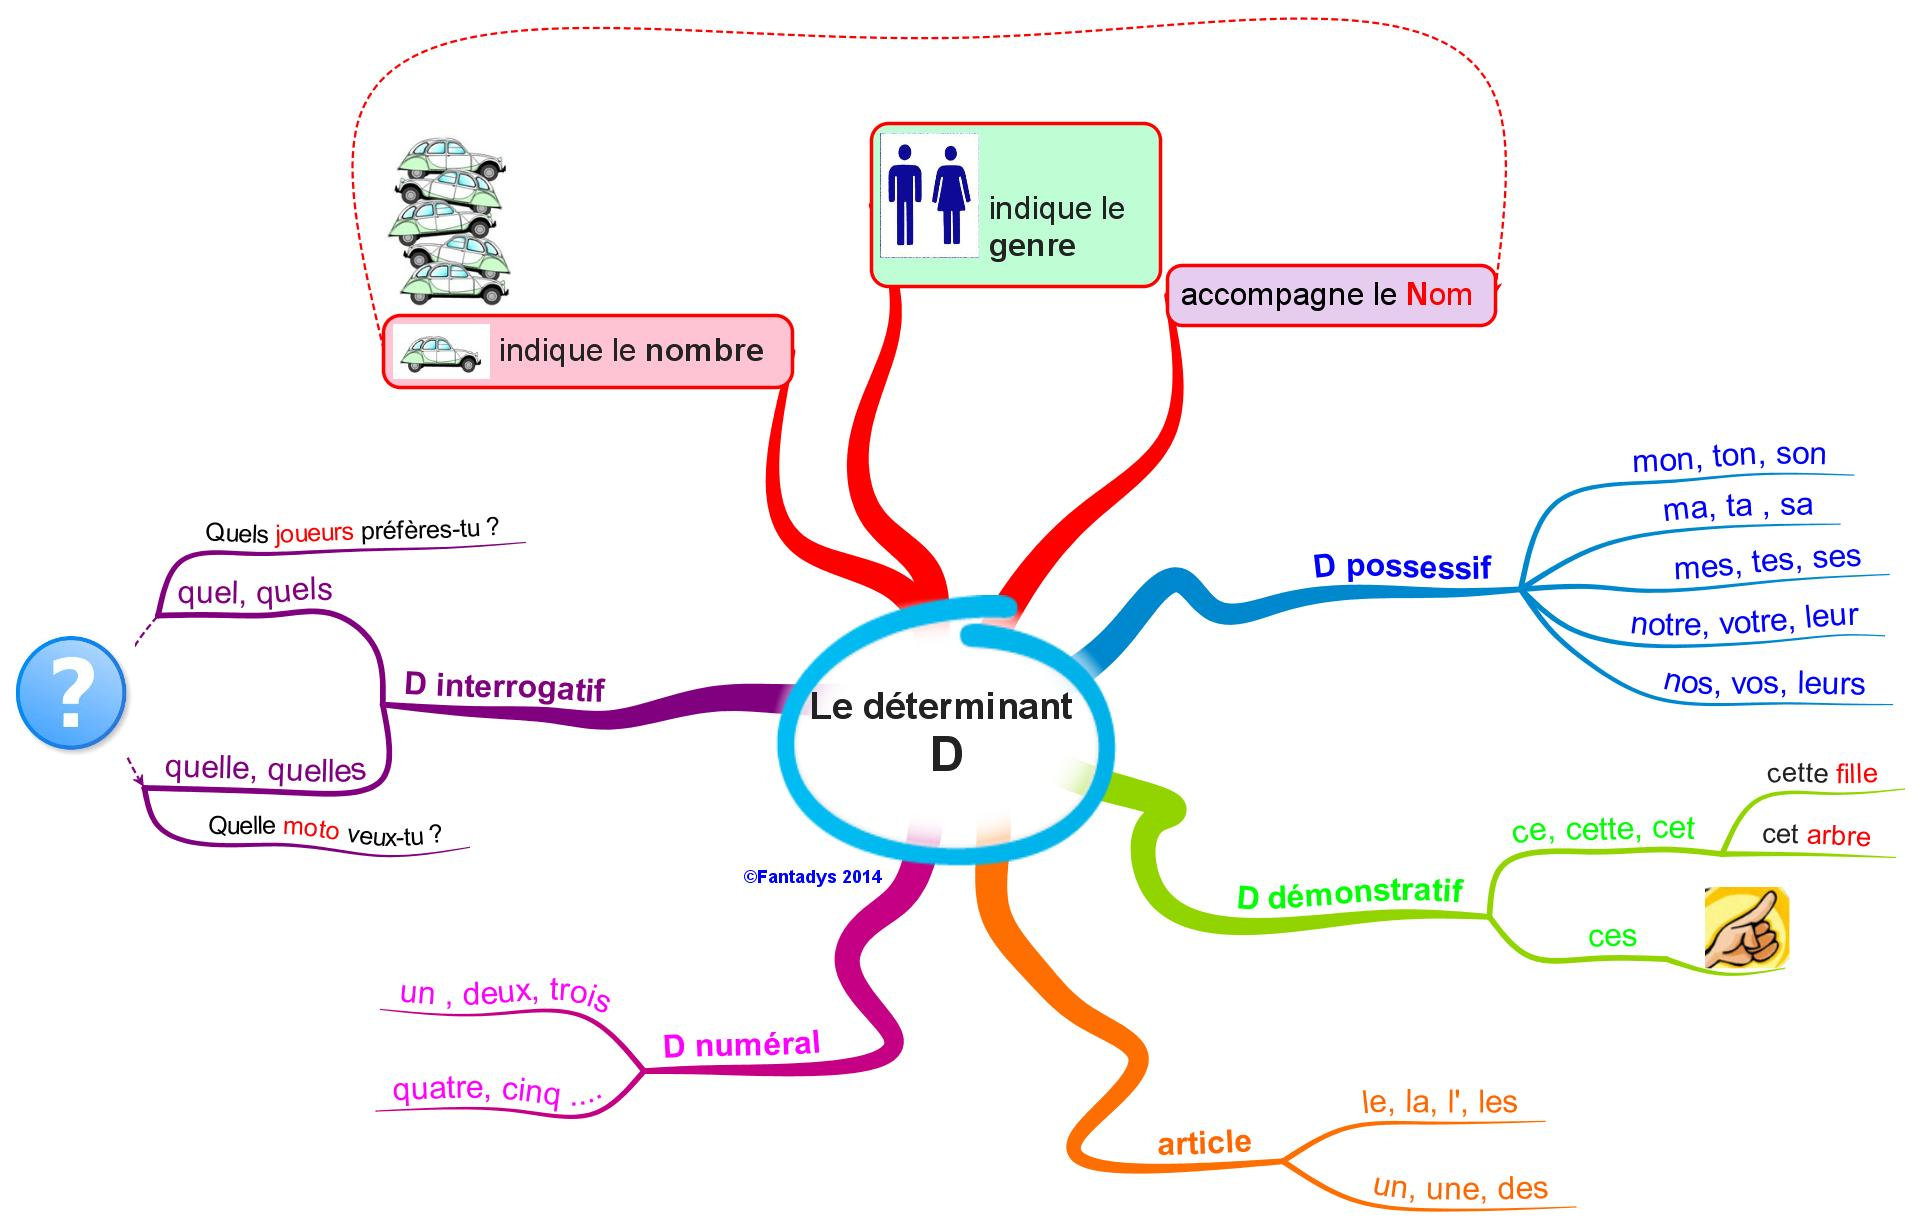 Determinant attributes